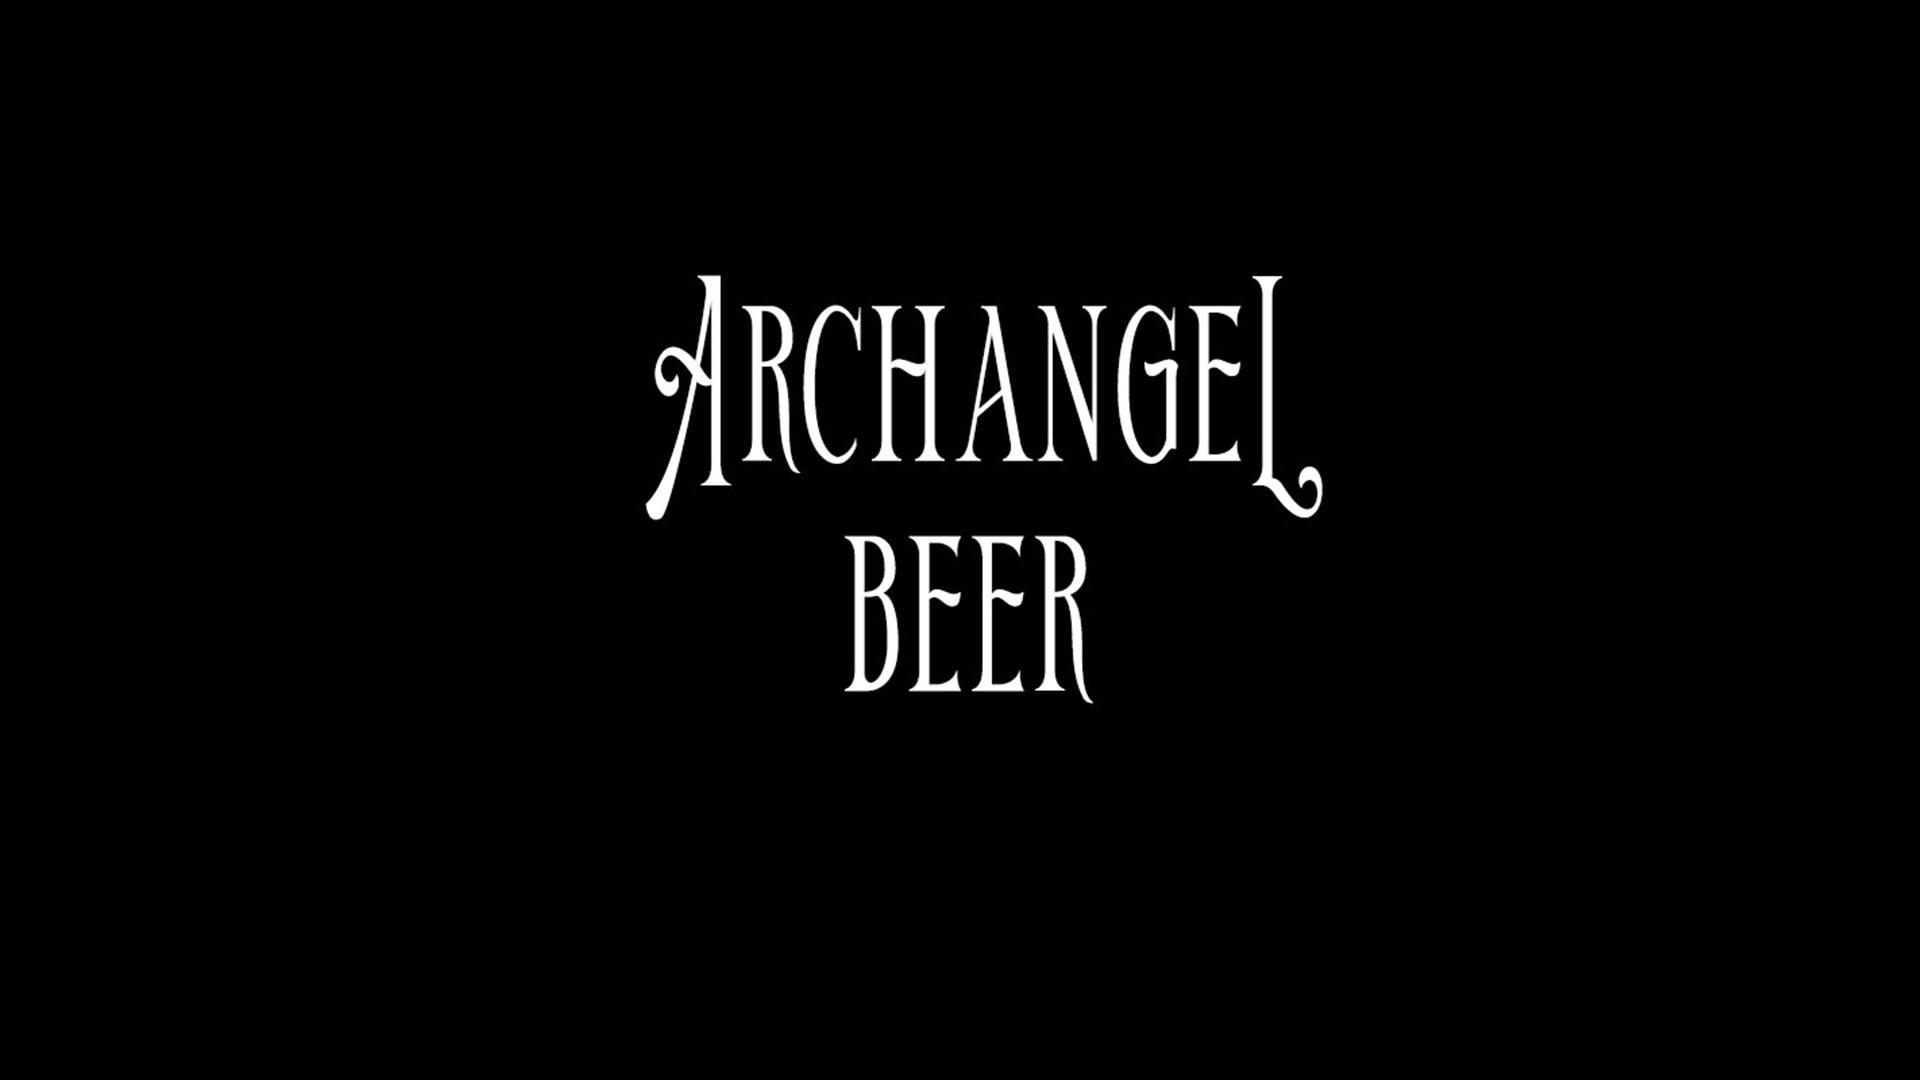 Archangel Beer